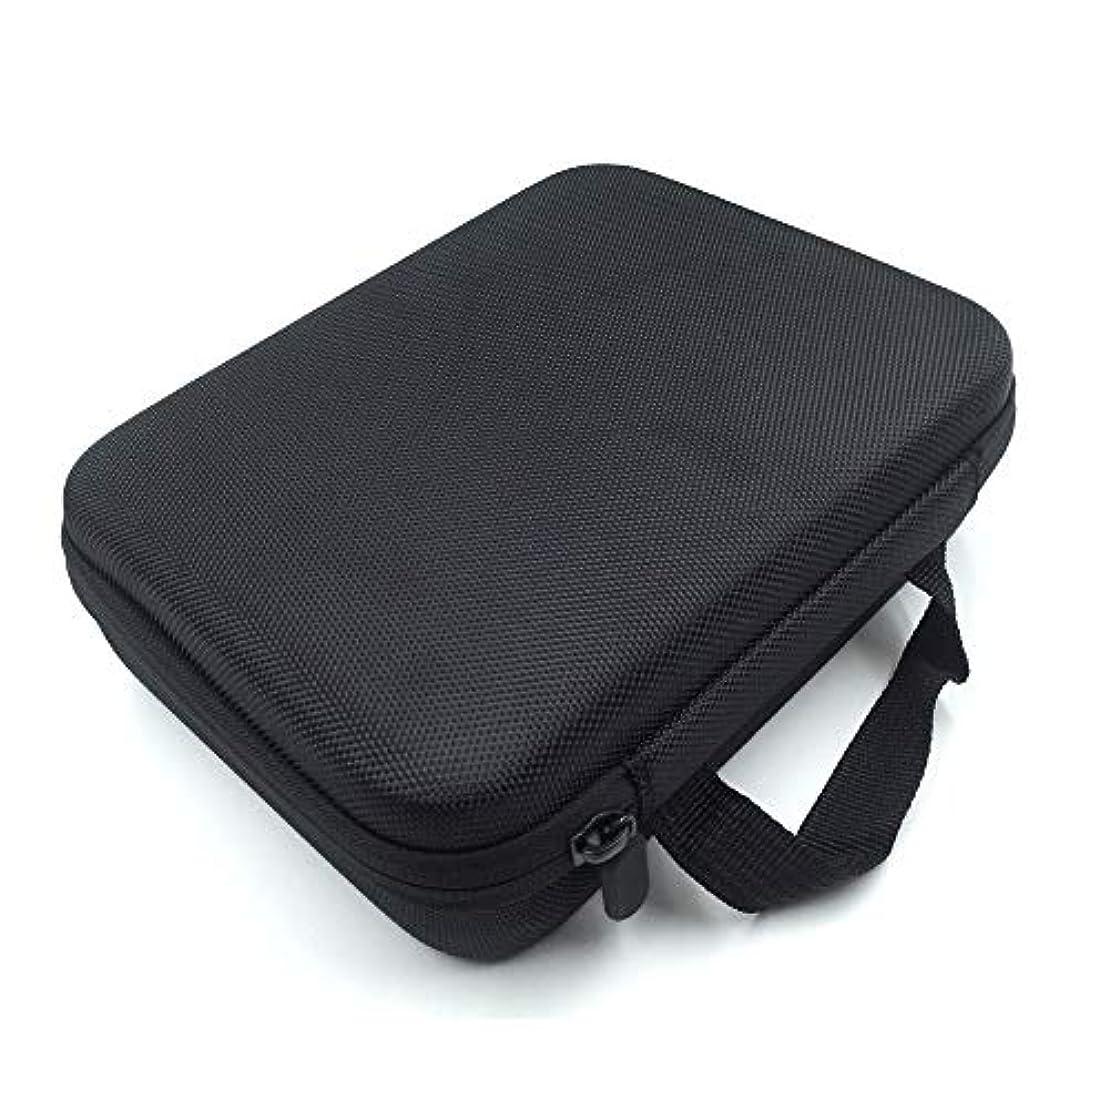 シエスタナース予言する[RADISSY] アロマポーチ エッセンシャルオイル ケース 収納ボックス メイクポーチ 30本用 (ブラック)